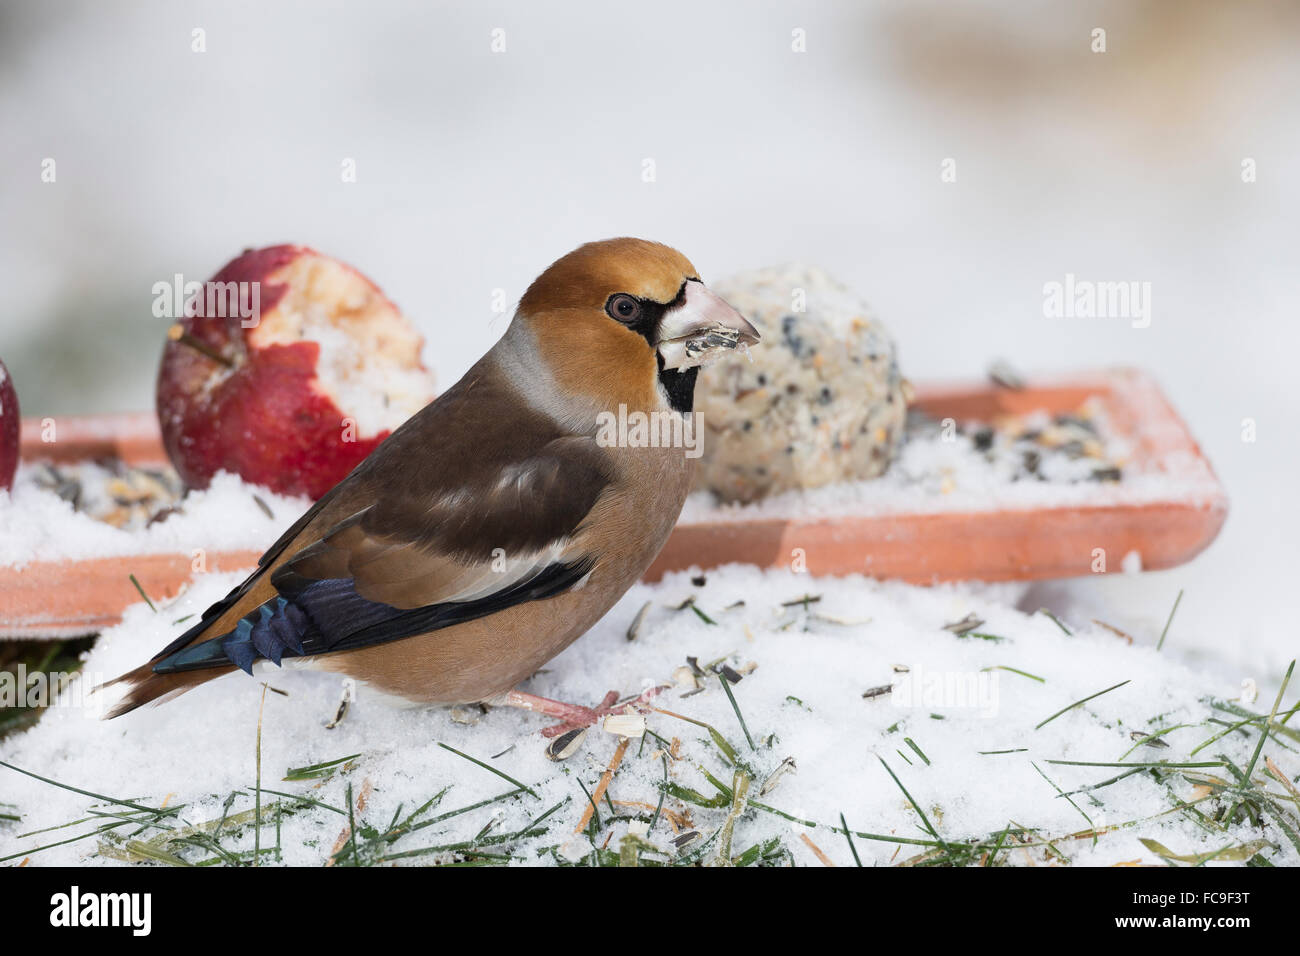 Kernbeißer, Vogel ist Fütterung, Kernbeißer, Kernbeisser, Kirschkernbeißer, Vogelfutter, Vogelfütterung, Stockbild